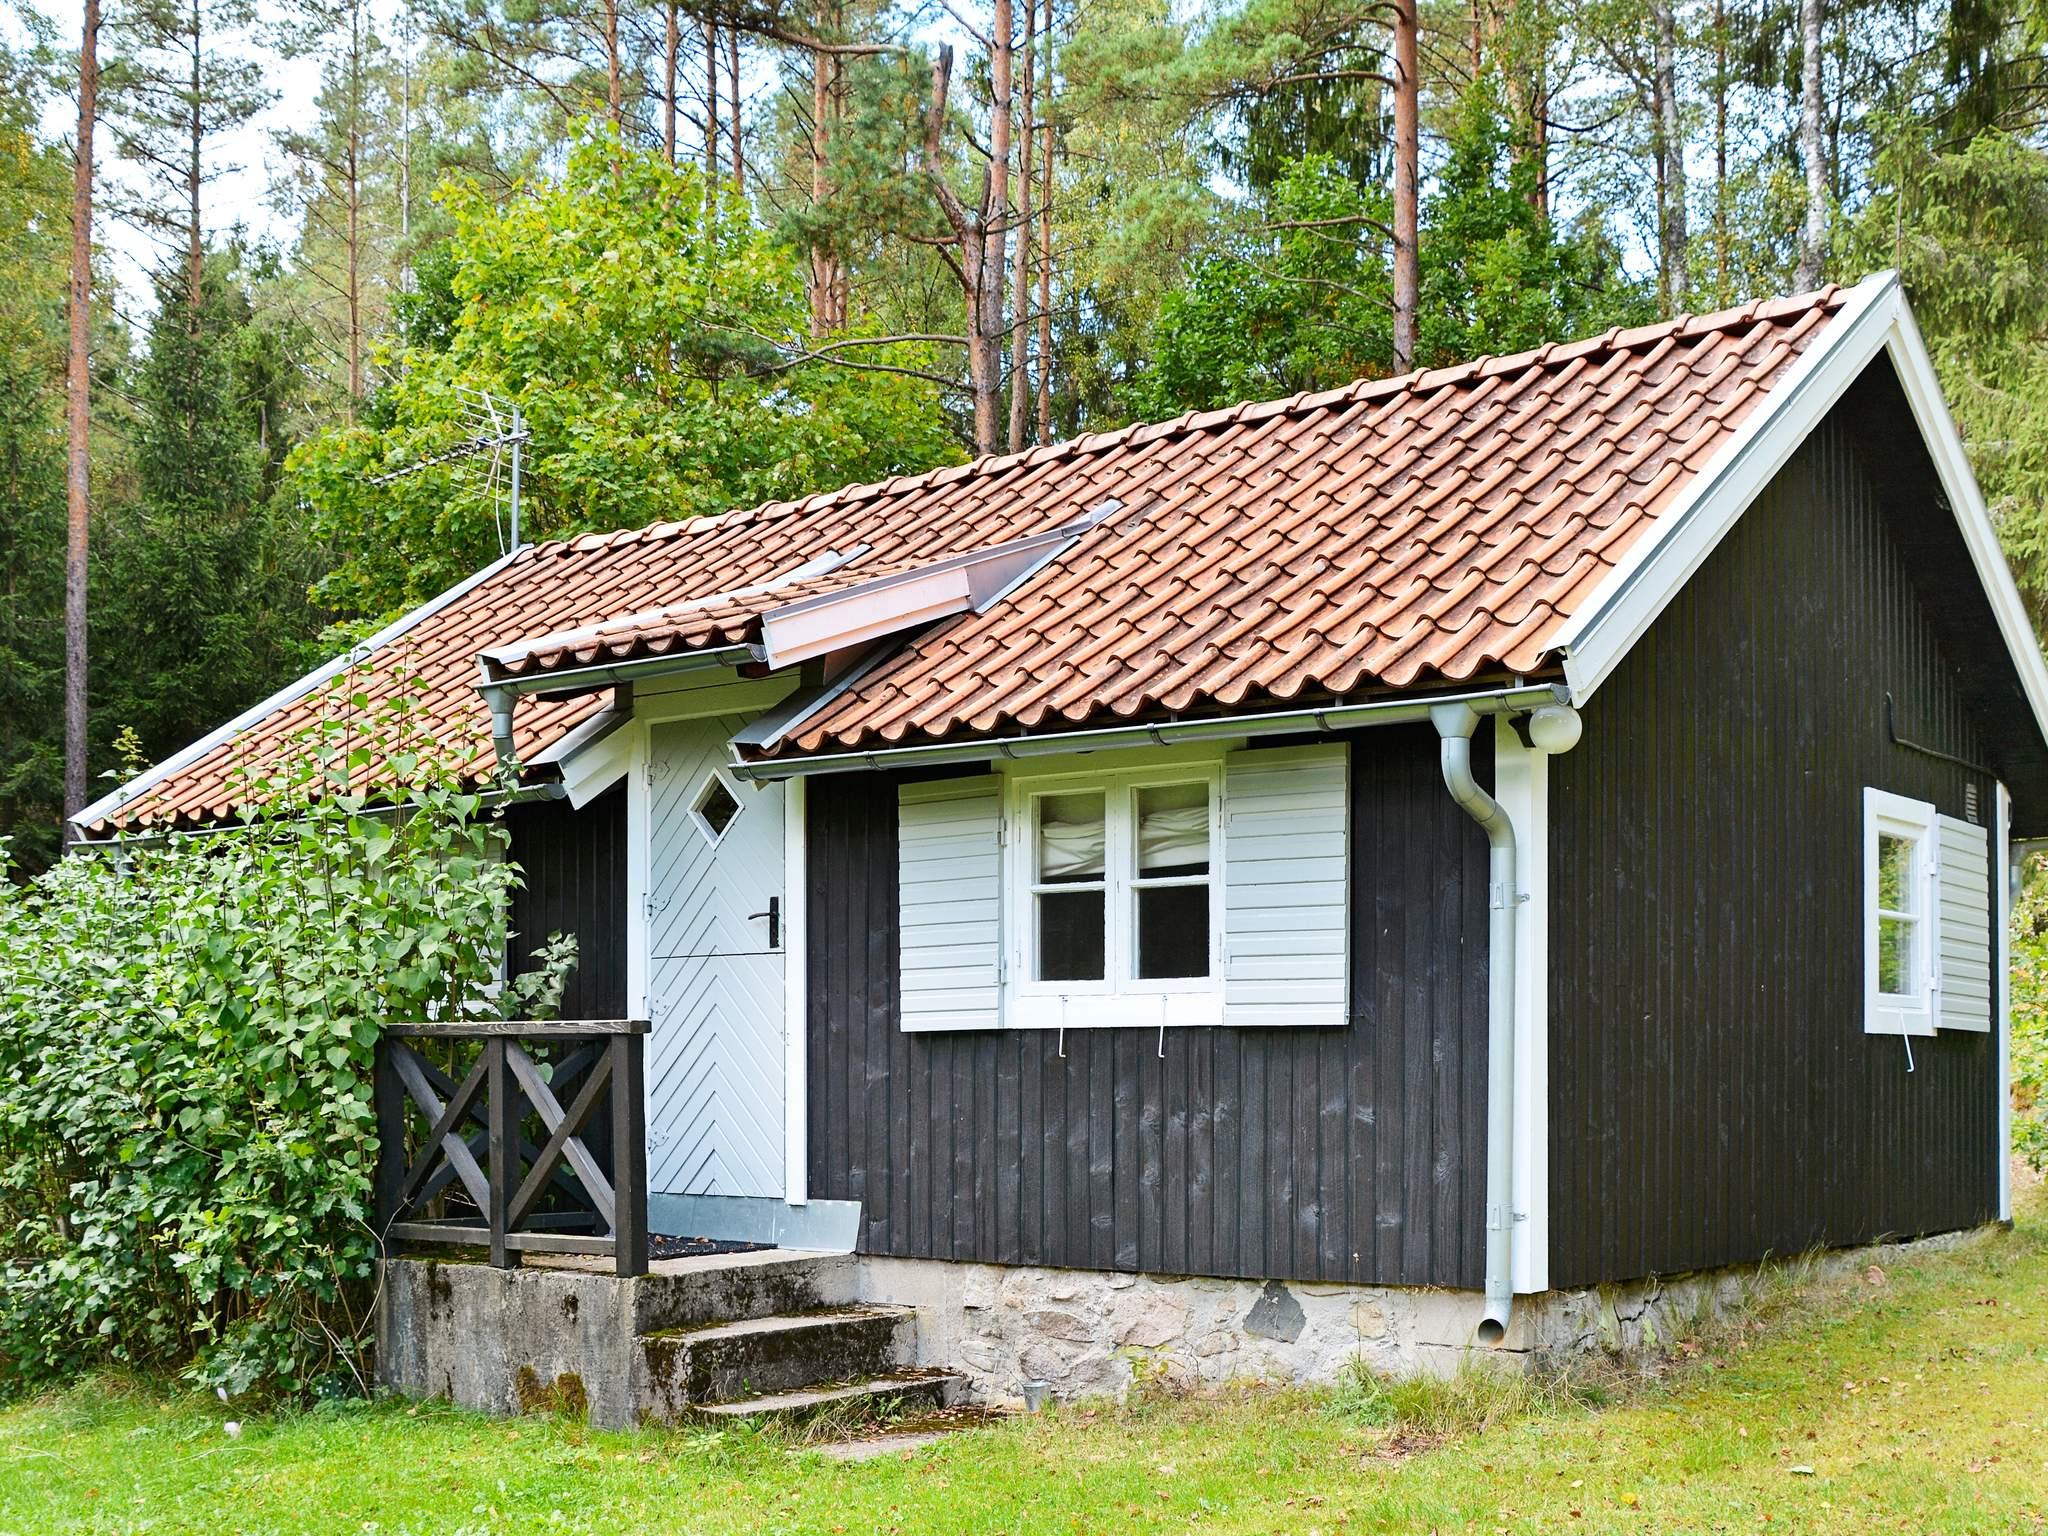 Ferienhaus Belganet (86864), Hallabro, Blekinge län, Südschweden, Schweden, Bild 11